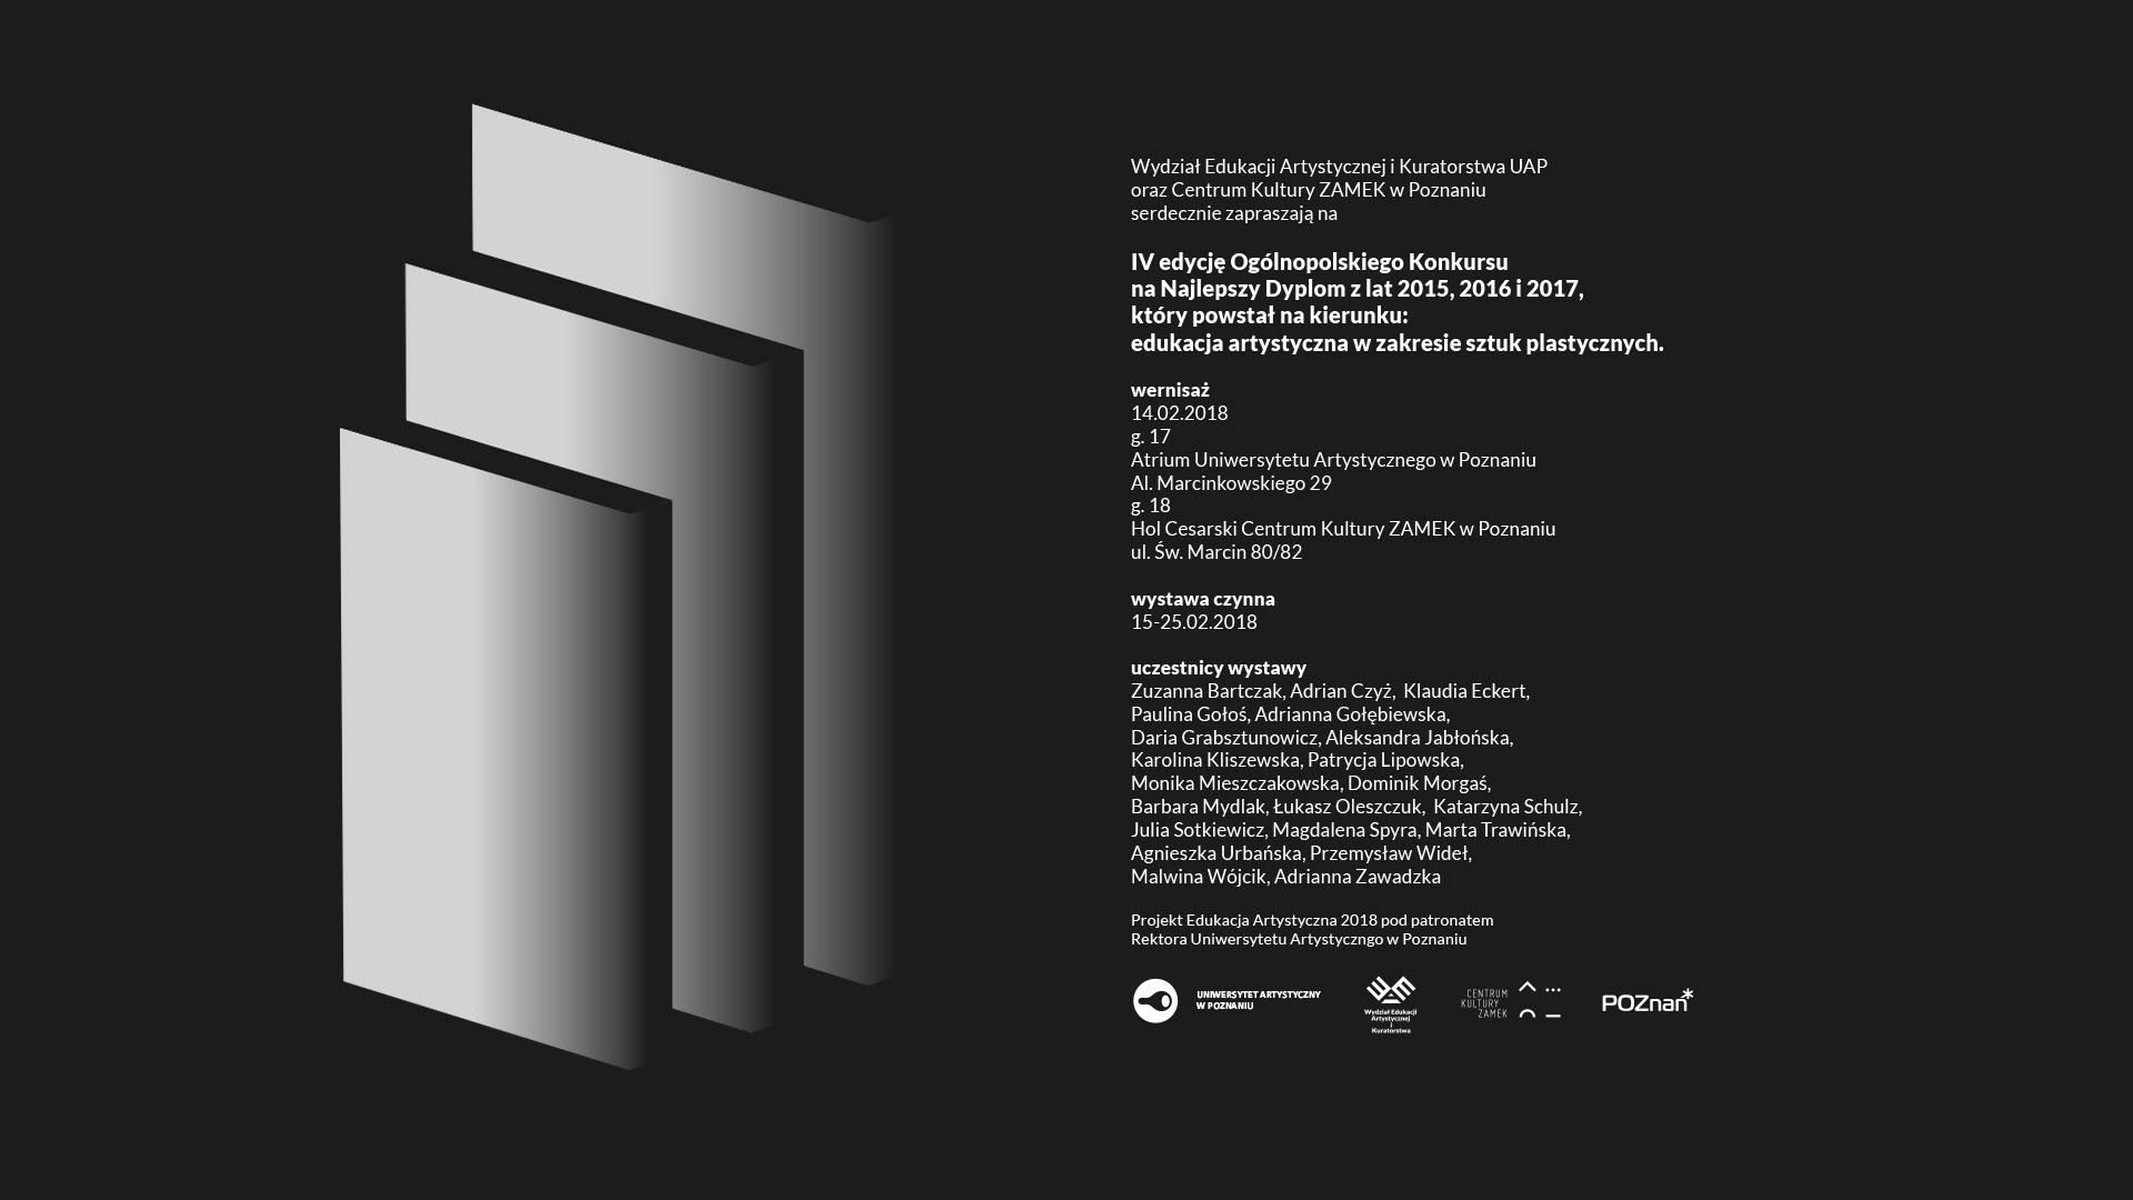 Ogólnopolski Konkurs Projekt Edukacja Artystyczna 2018 (źródło: materiały prasowe organizatora)